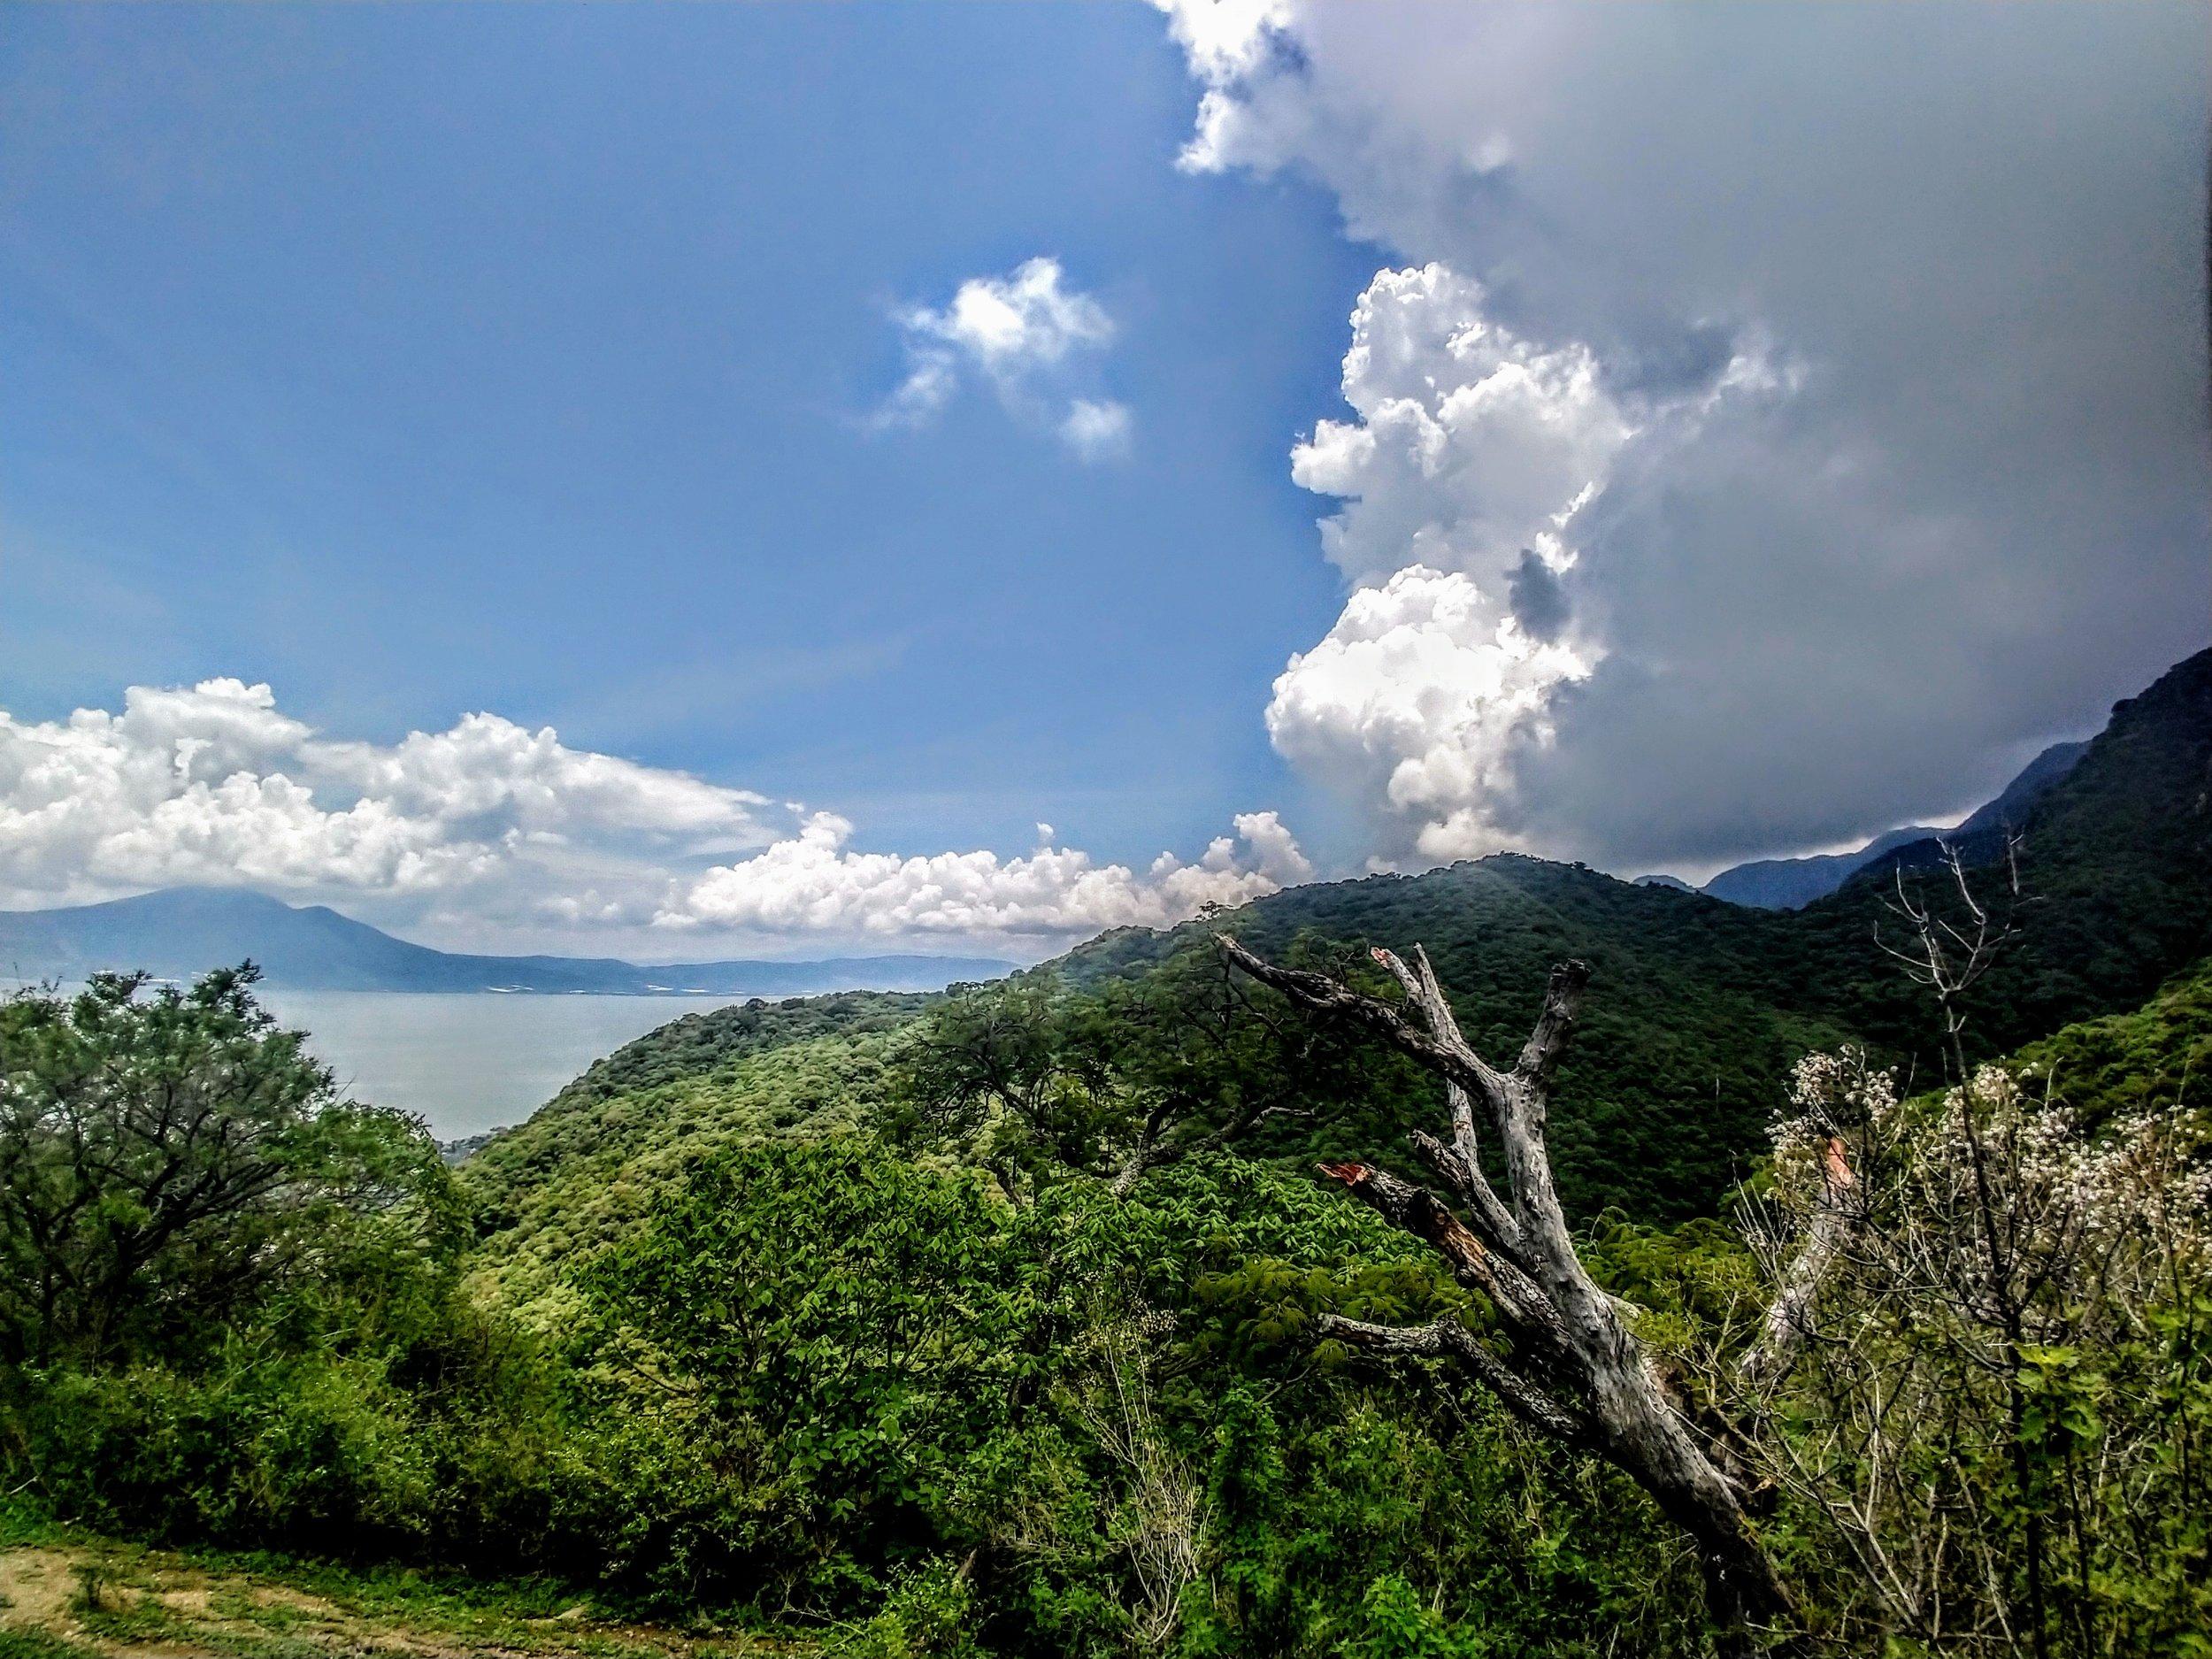 Overlooking Lake Chapala